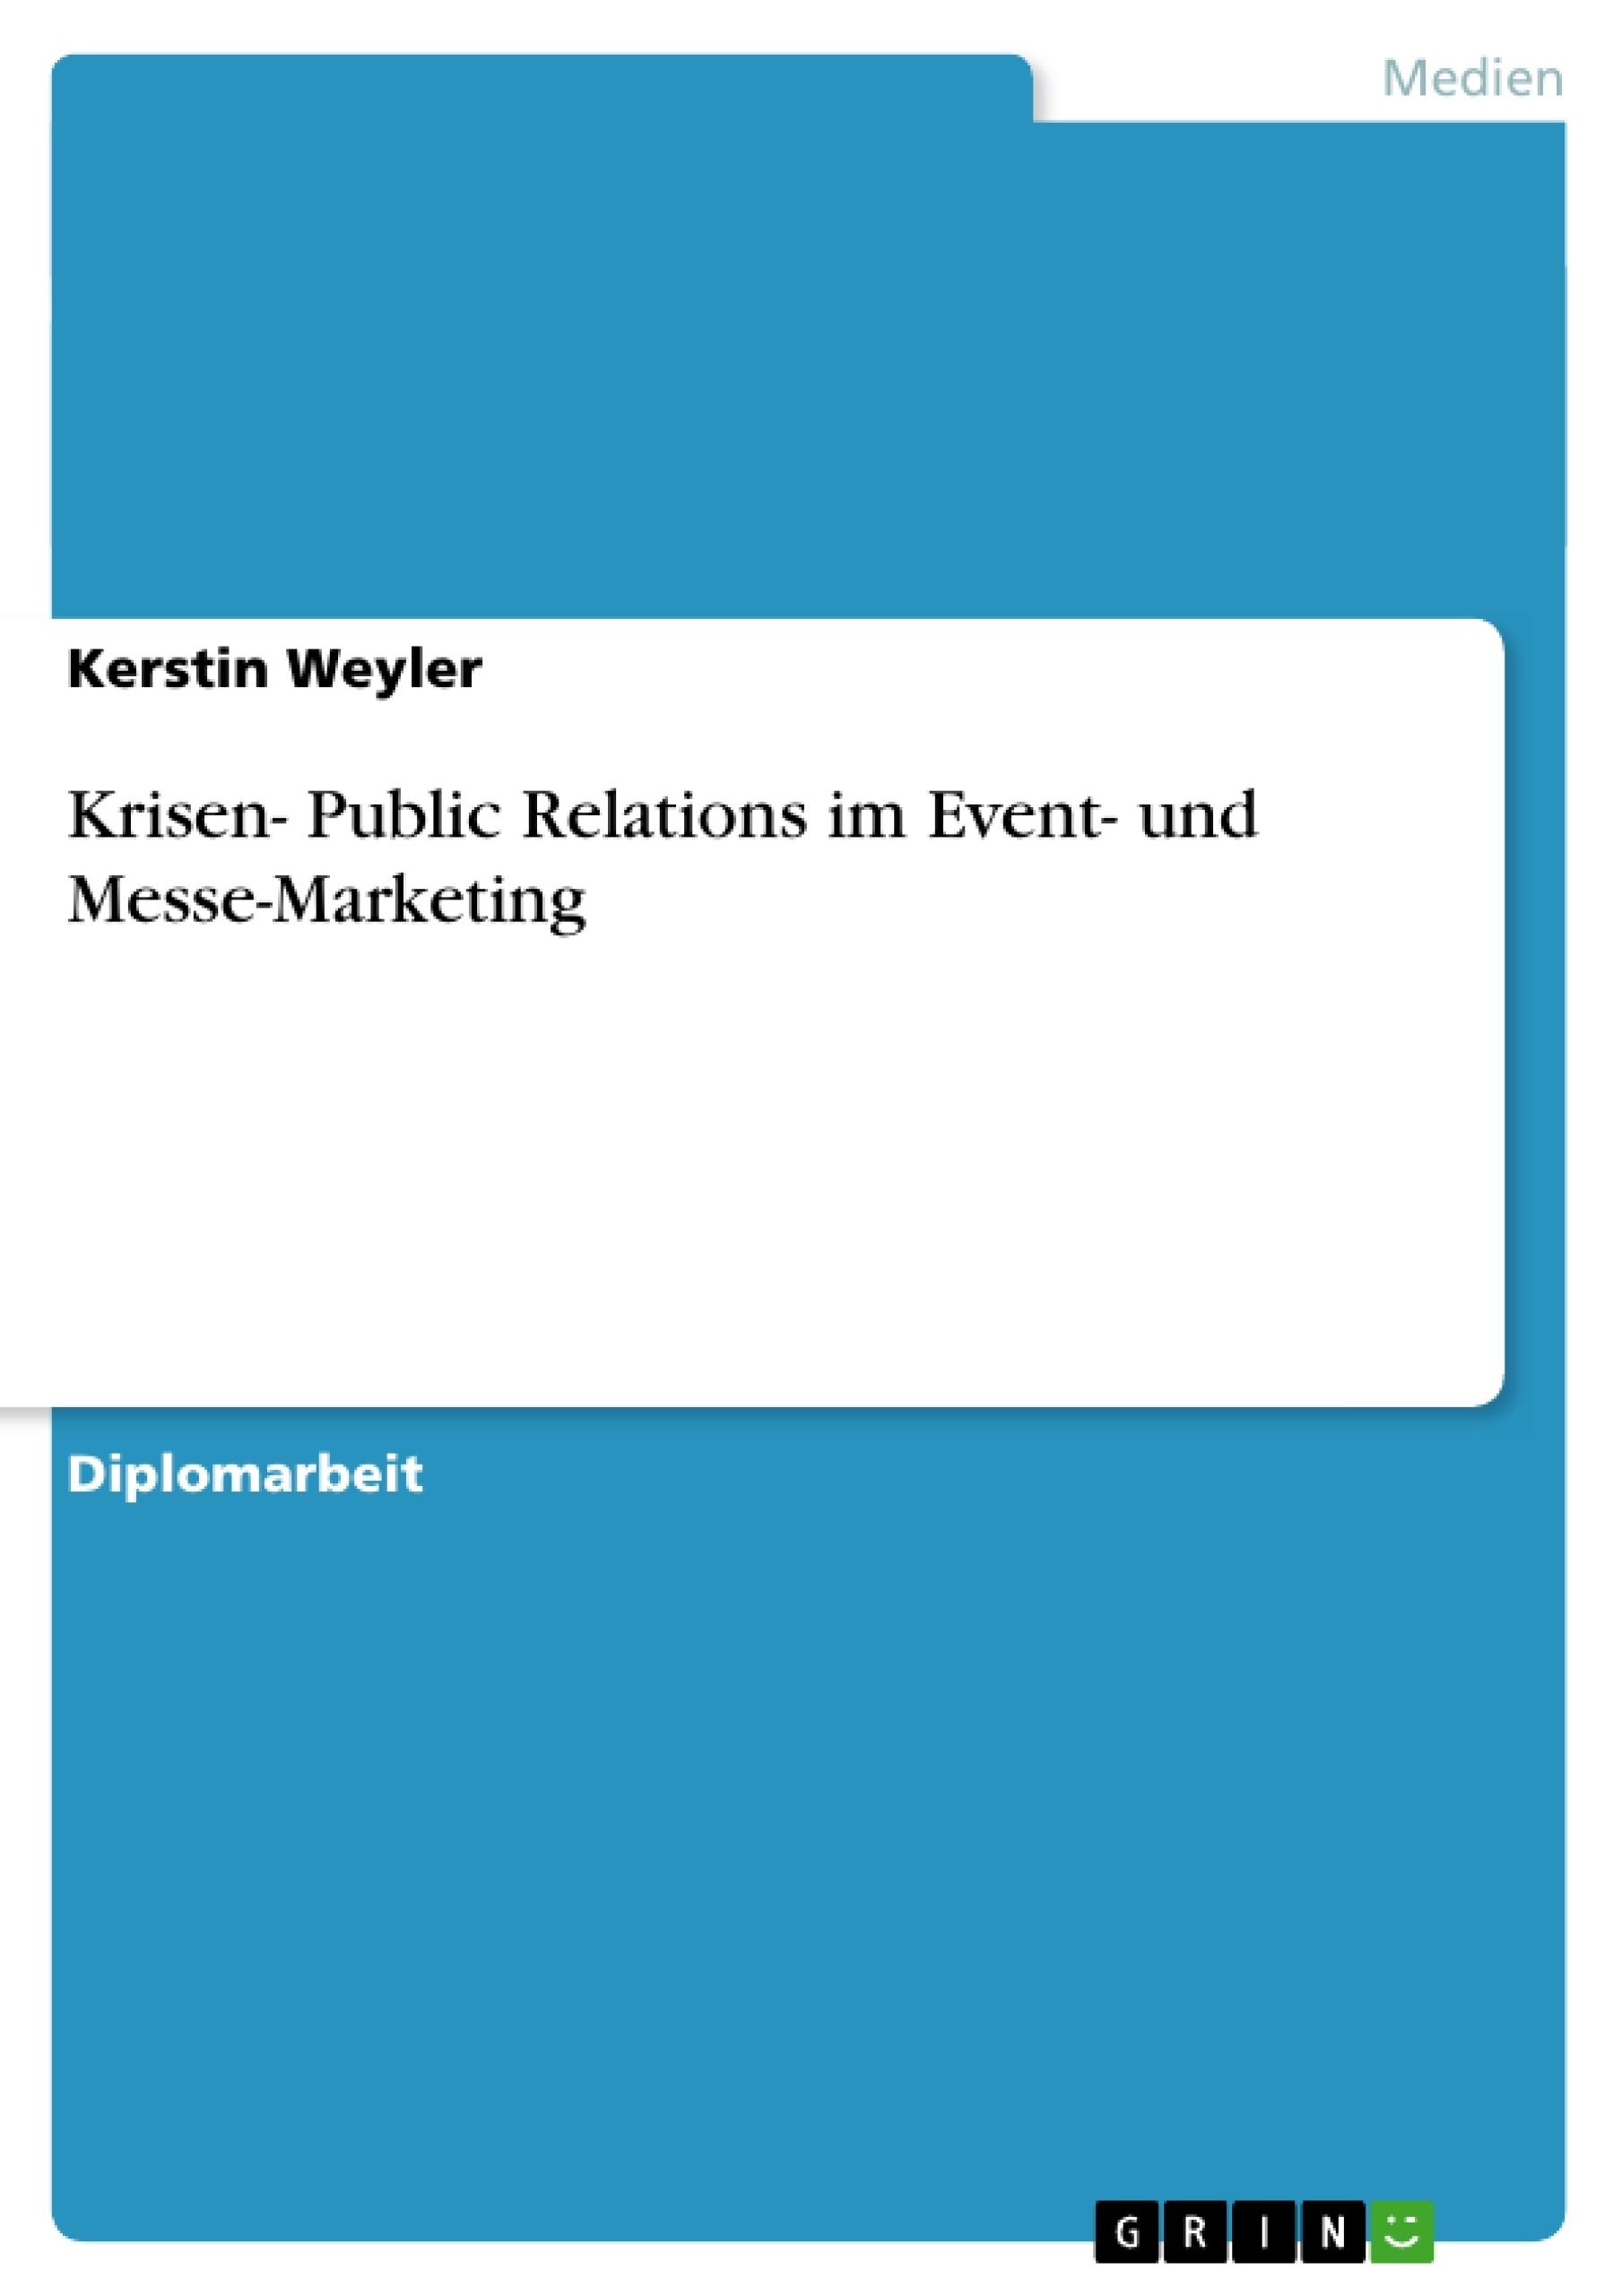 Titel: Krisen- Public Relations im Event- und Messe-Marketing